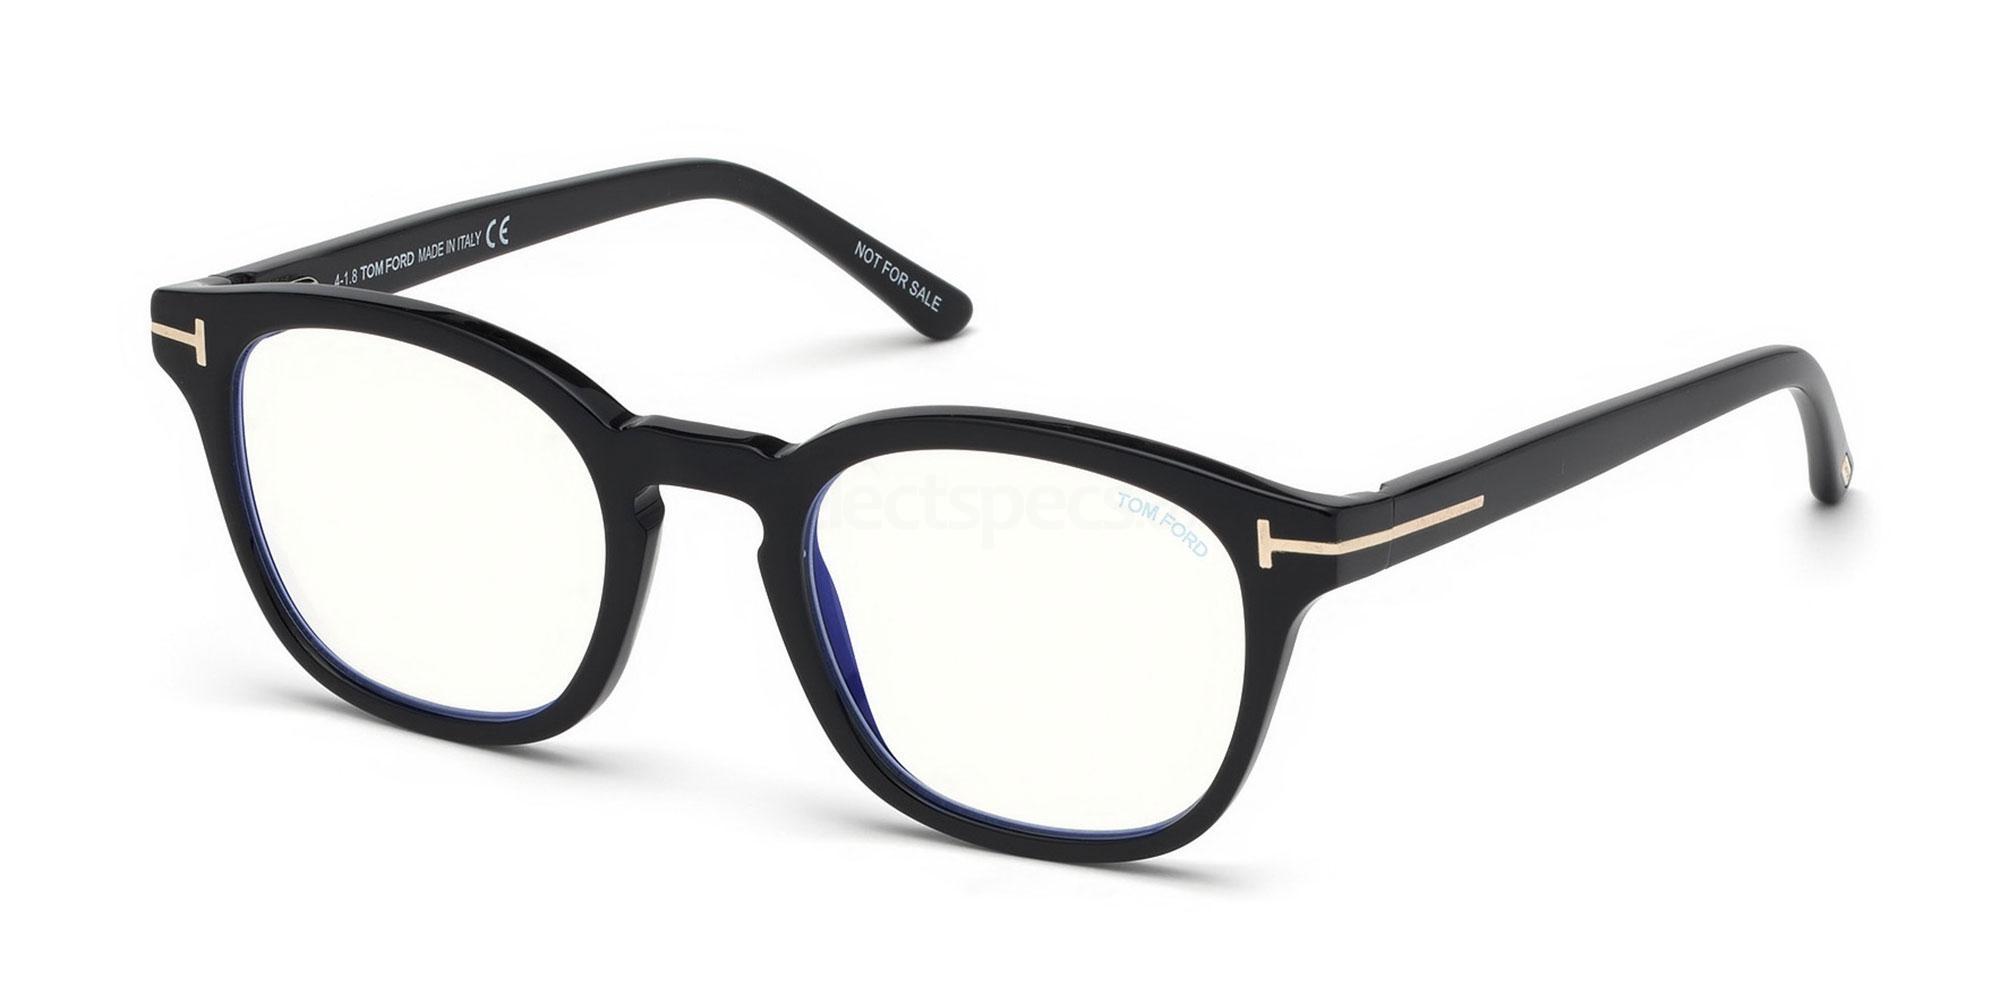 01V FT5532-B Glasses, Tom Ford